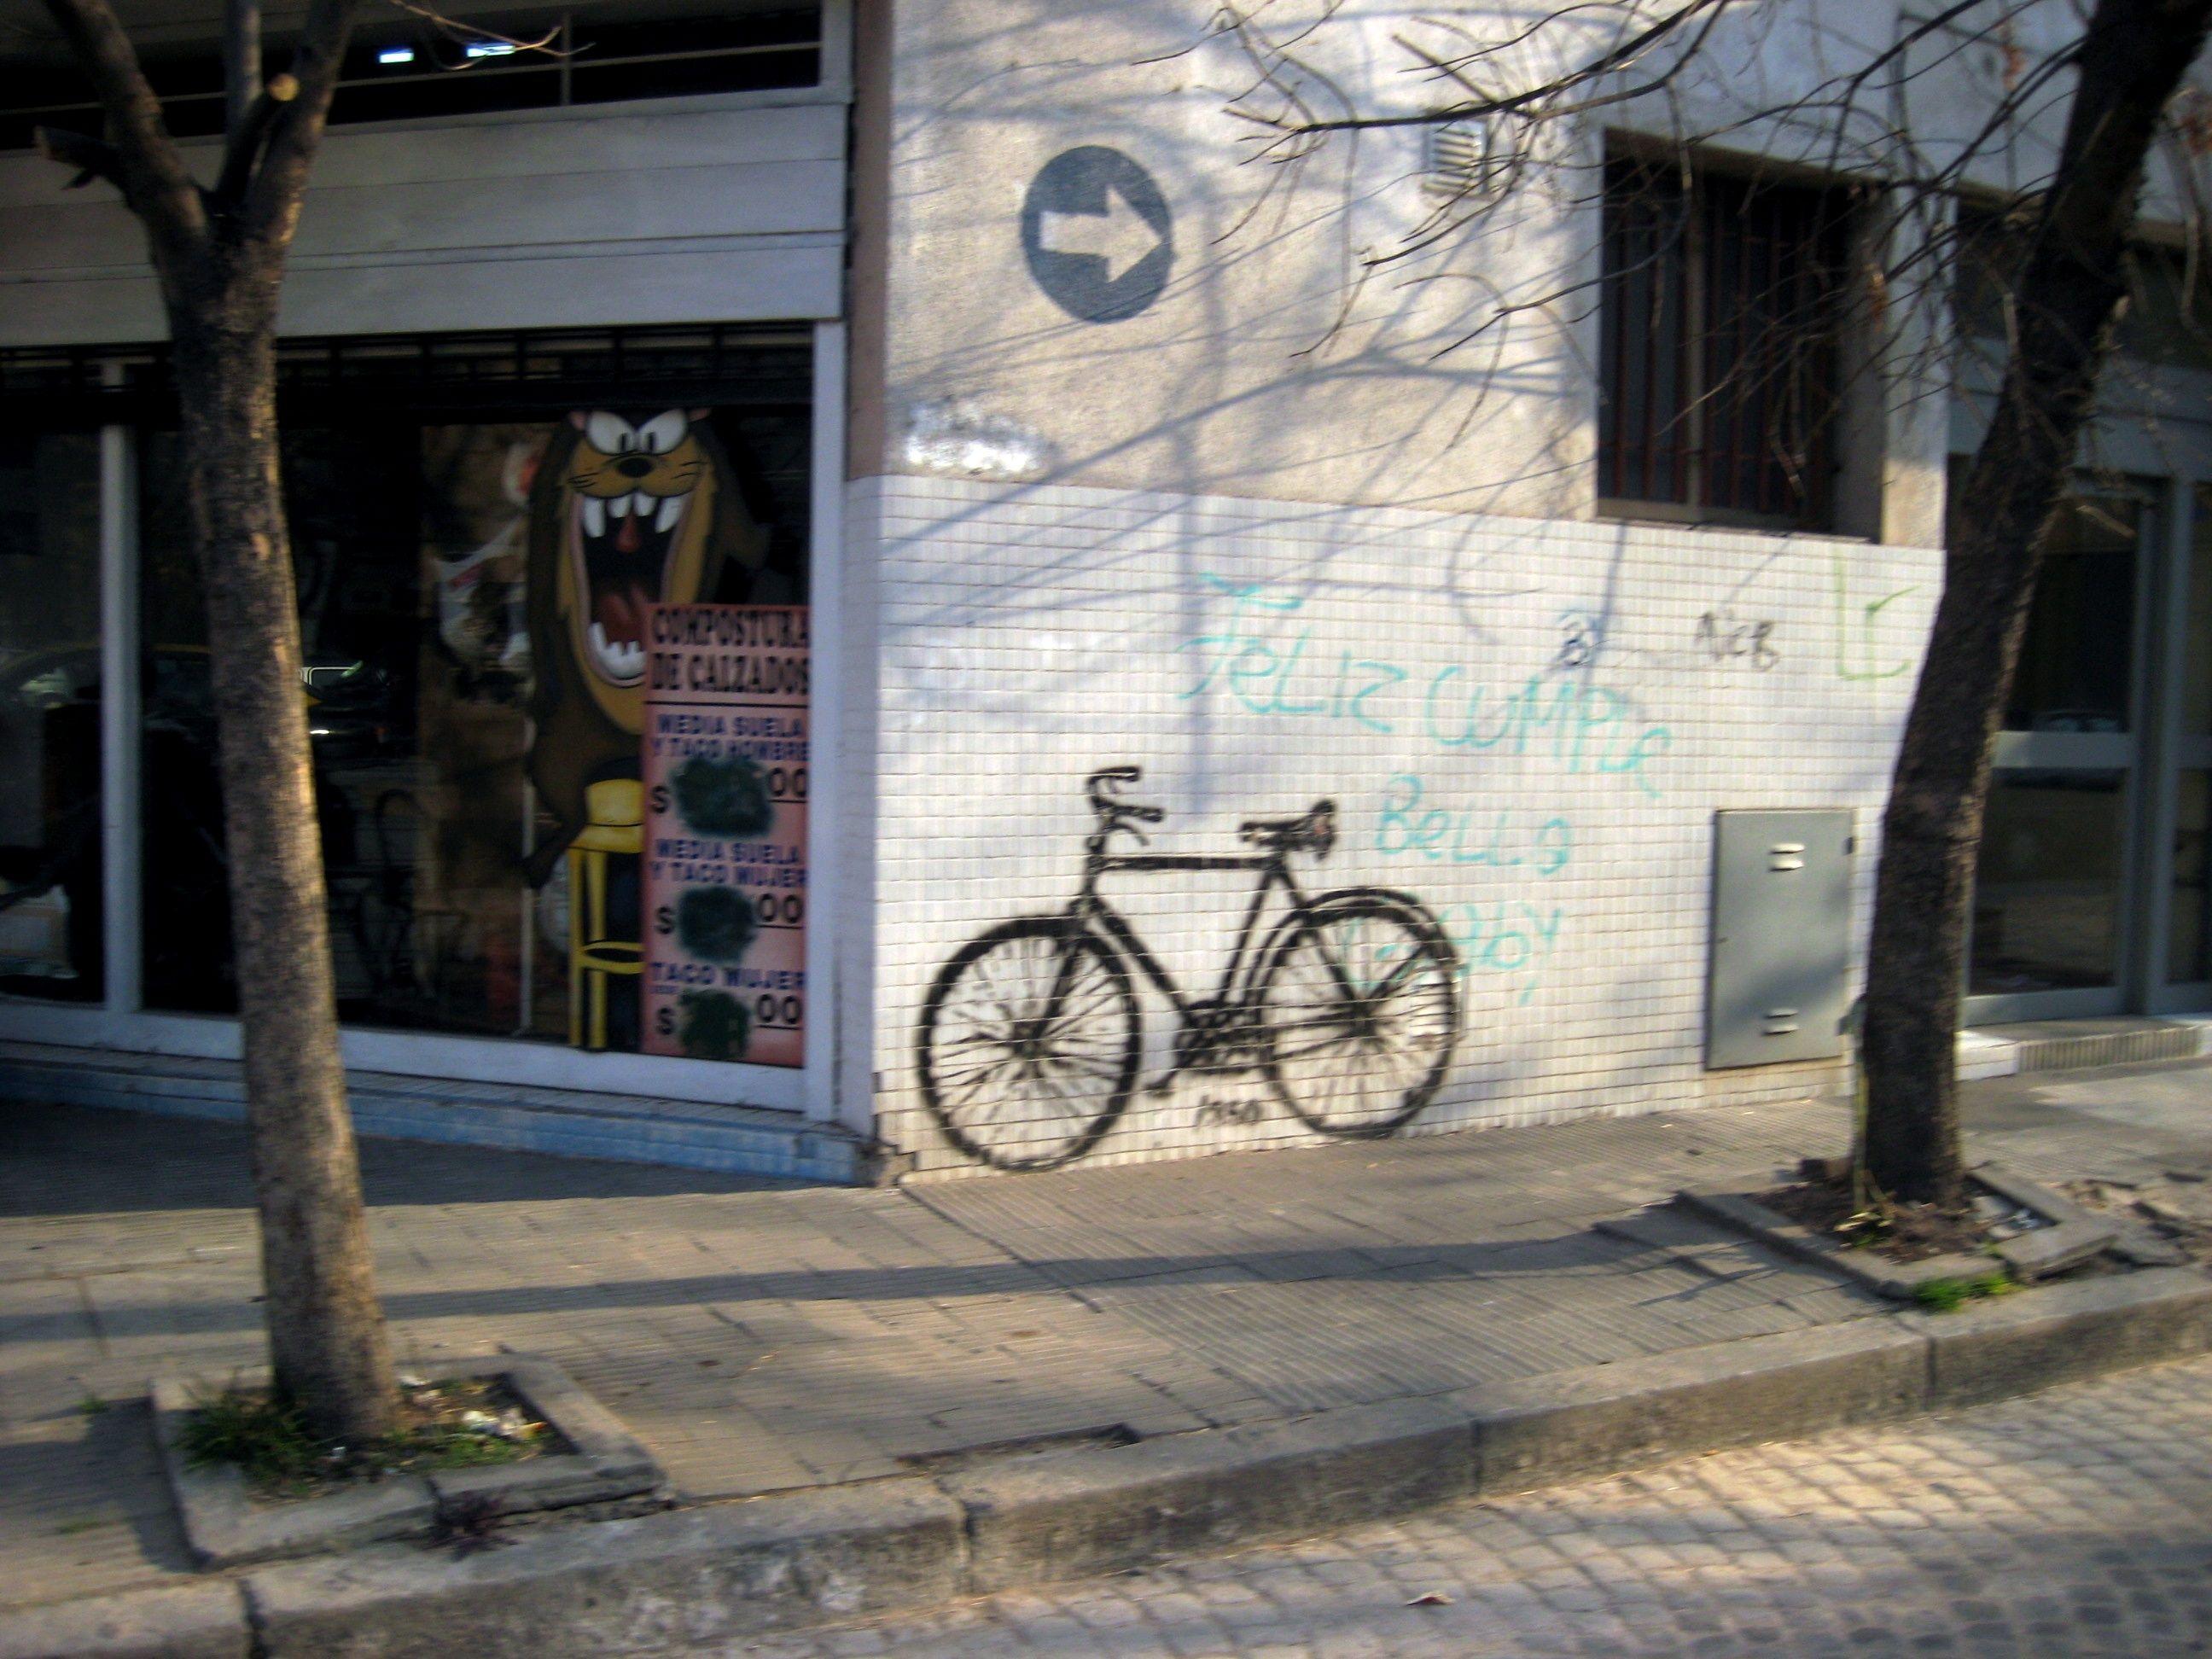 Bicicletas en la ciudad de rosario. Fernando Traverso